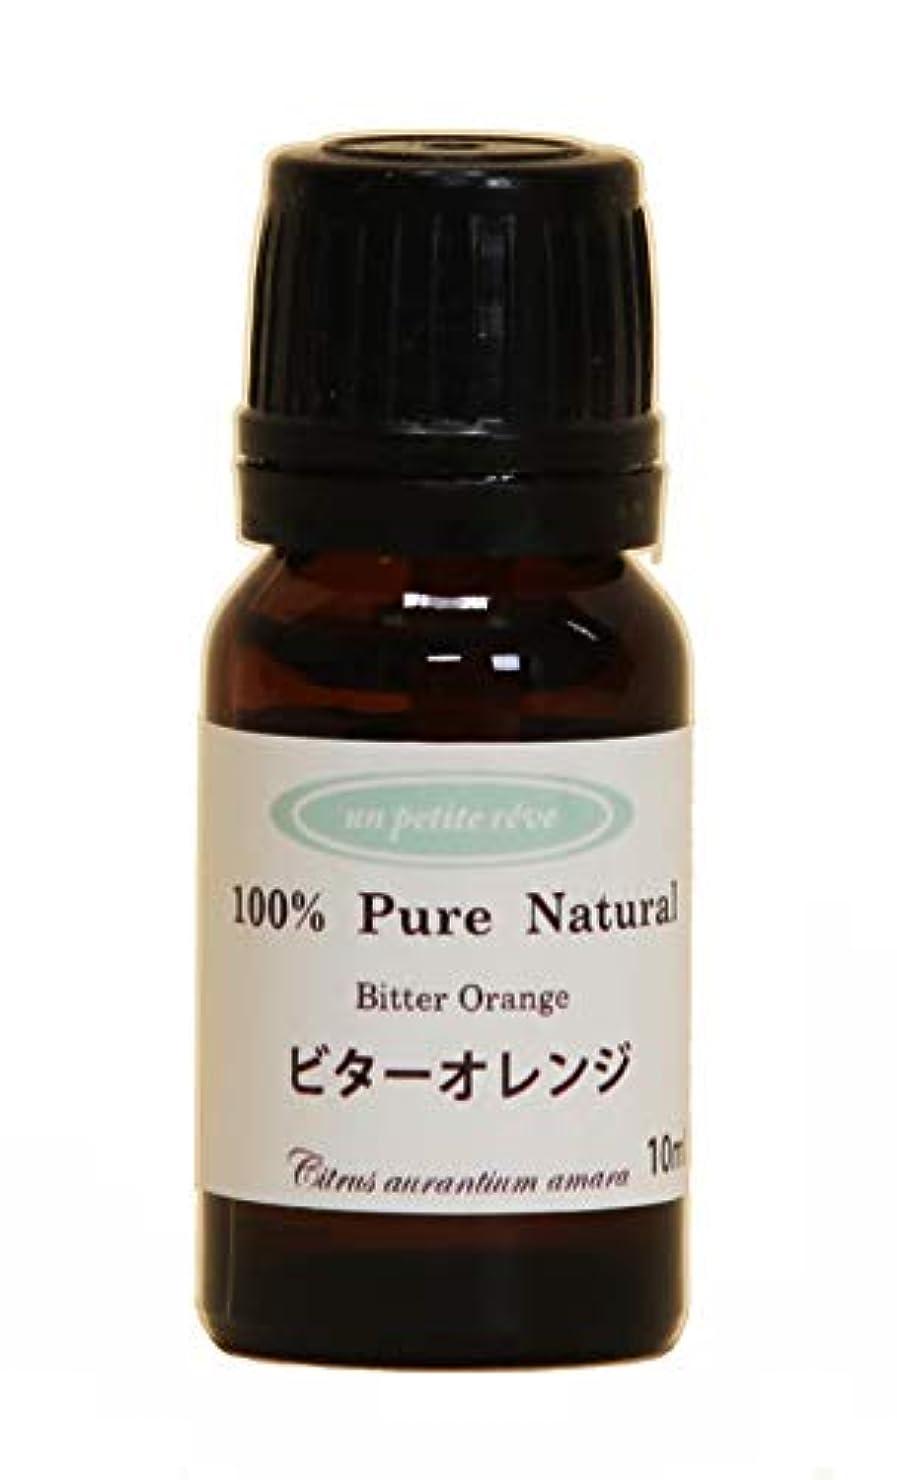 支給添付アーサービターオレンジ  10ml 100%天然アロマエッセンシャルオイル(精油)